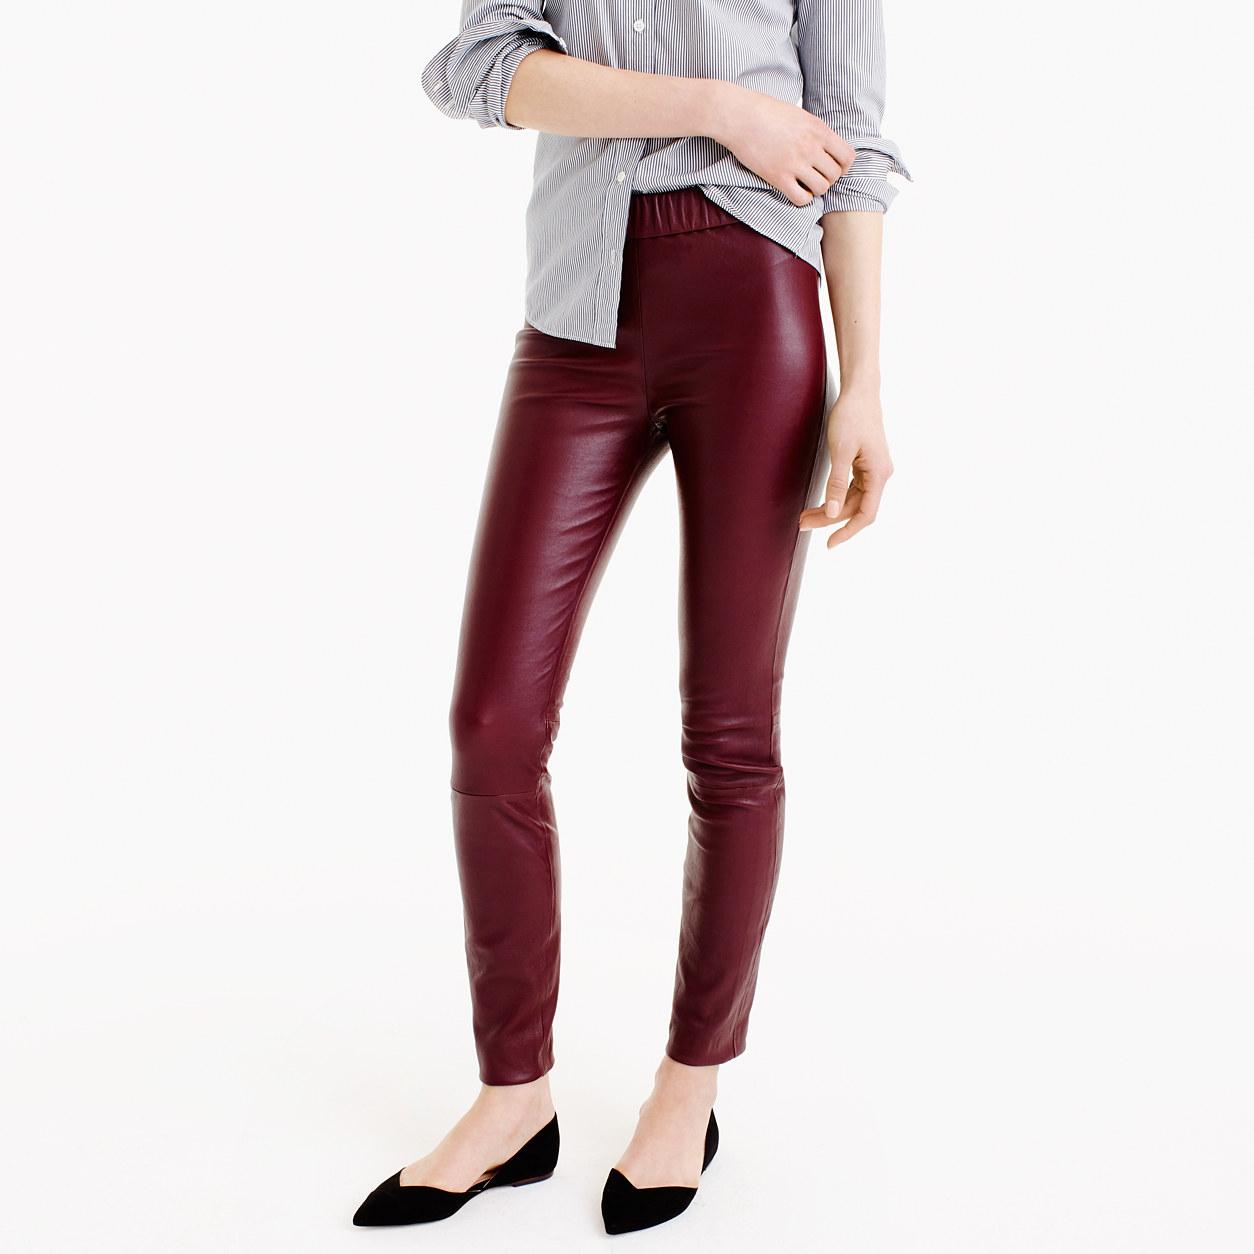 Slacks Pants For Women